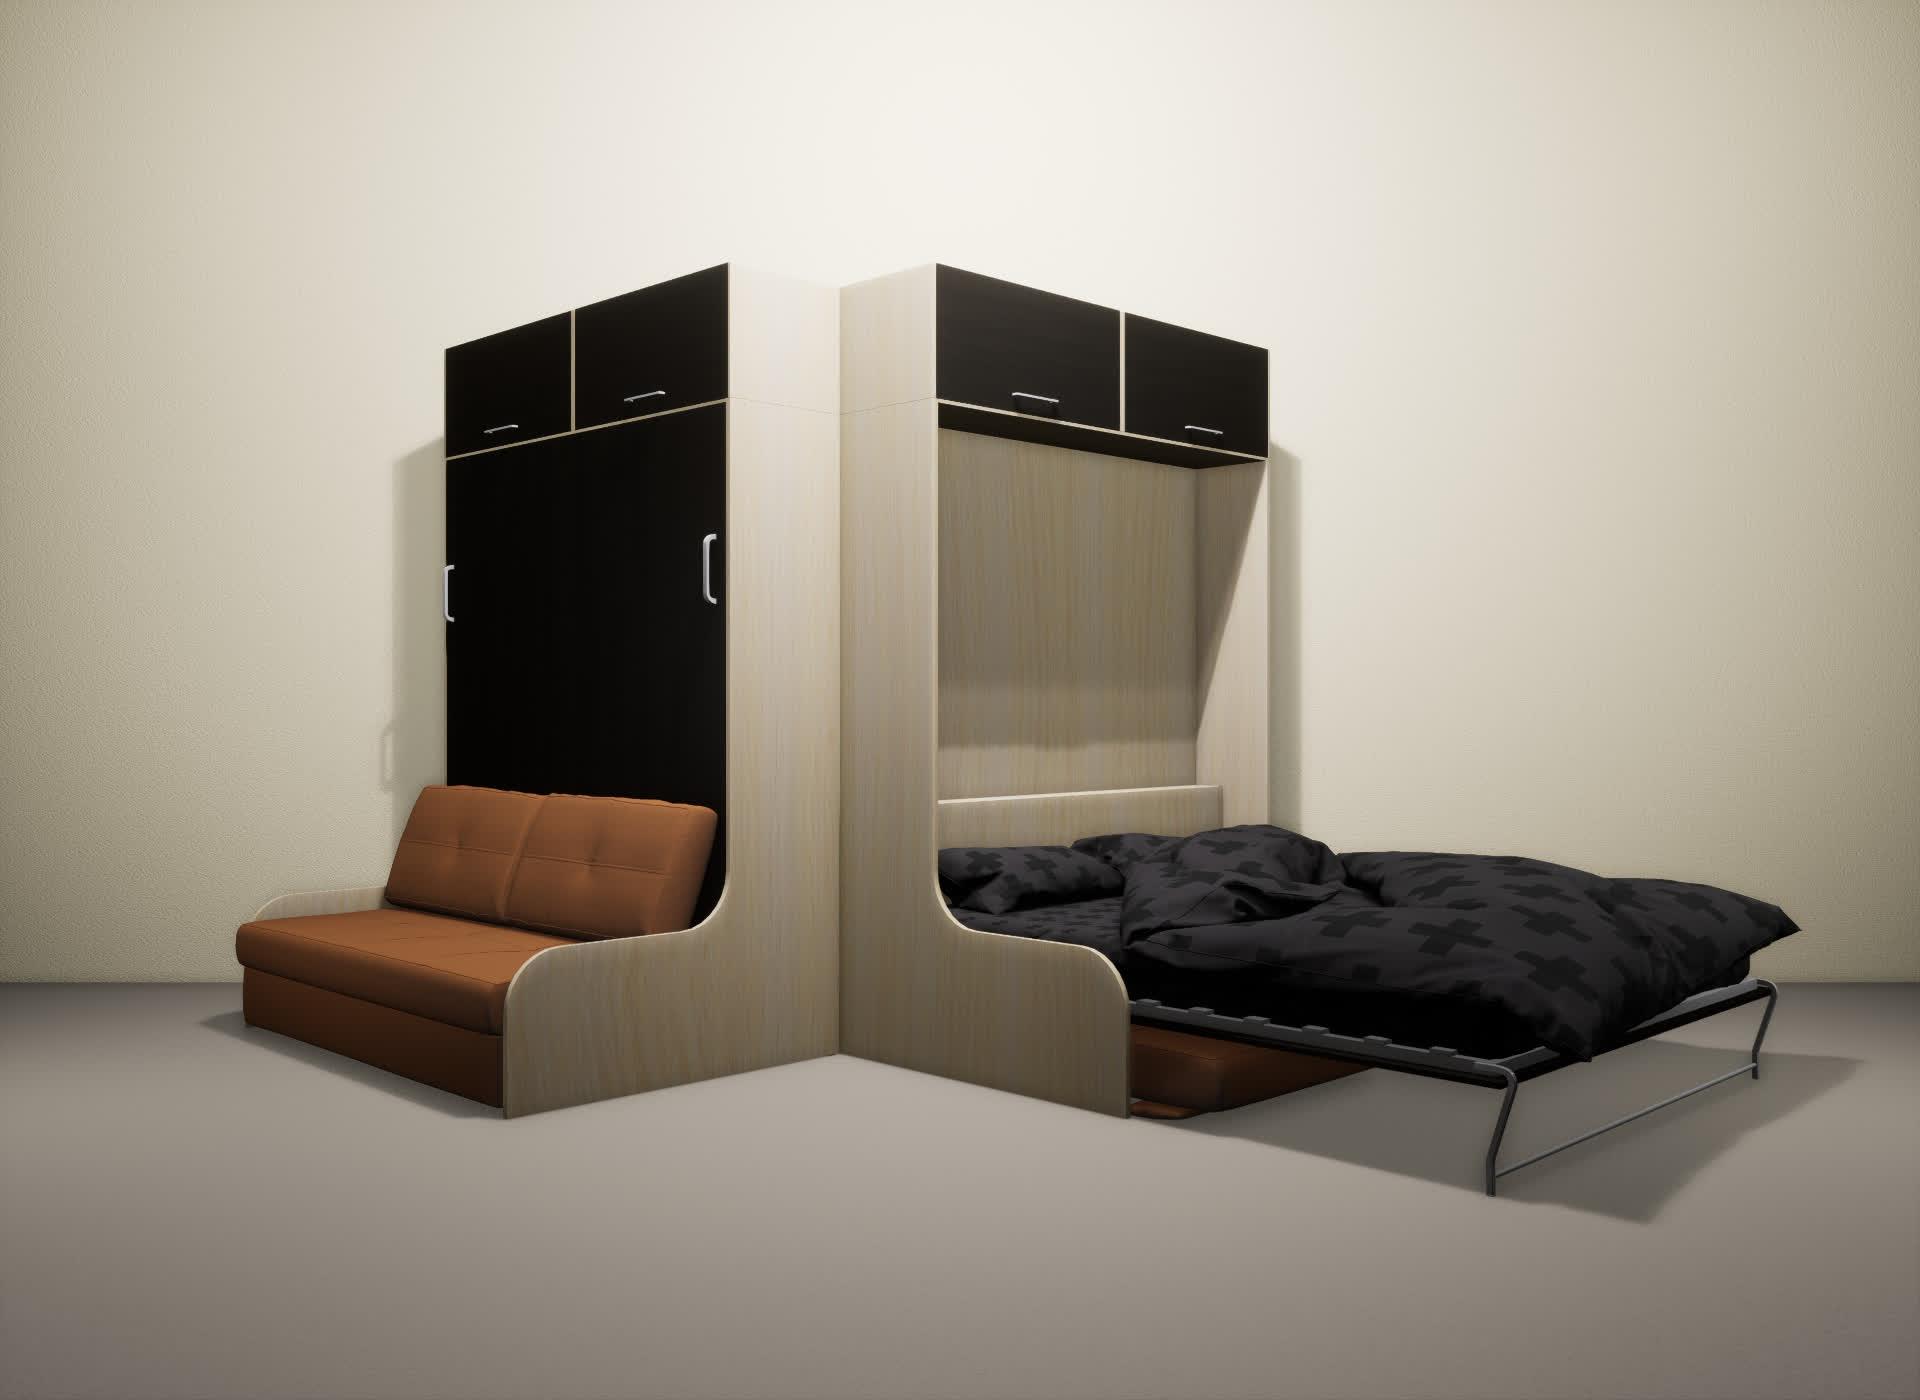 Шкаф-кровать SMART HOME Омега молочный дуб/венге